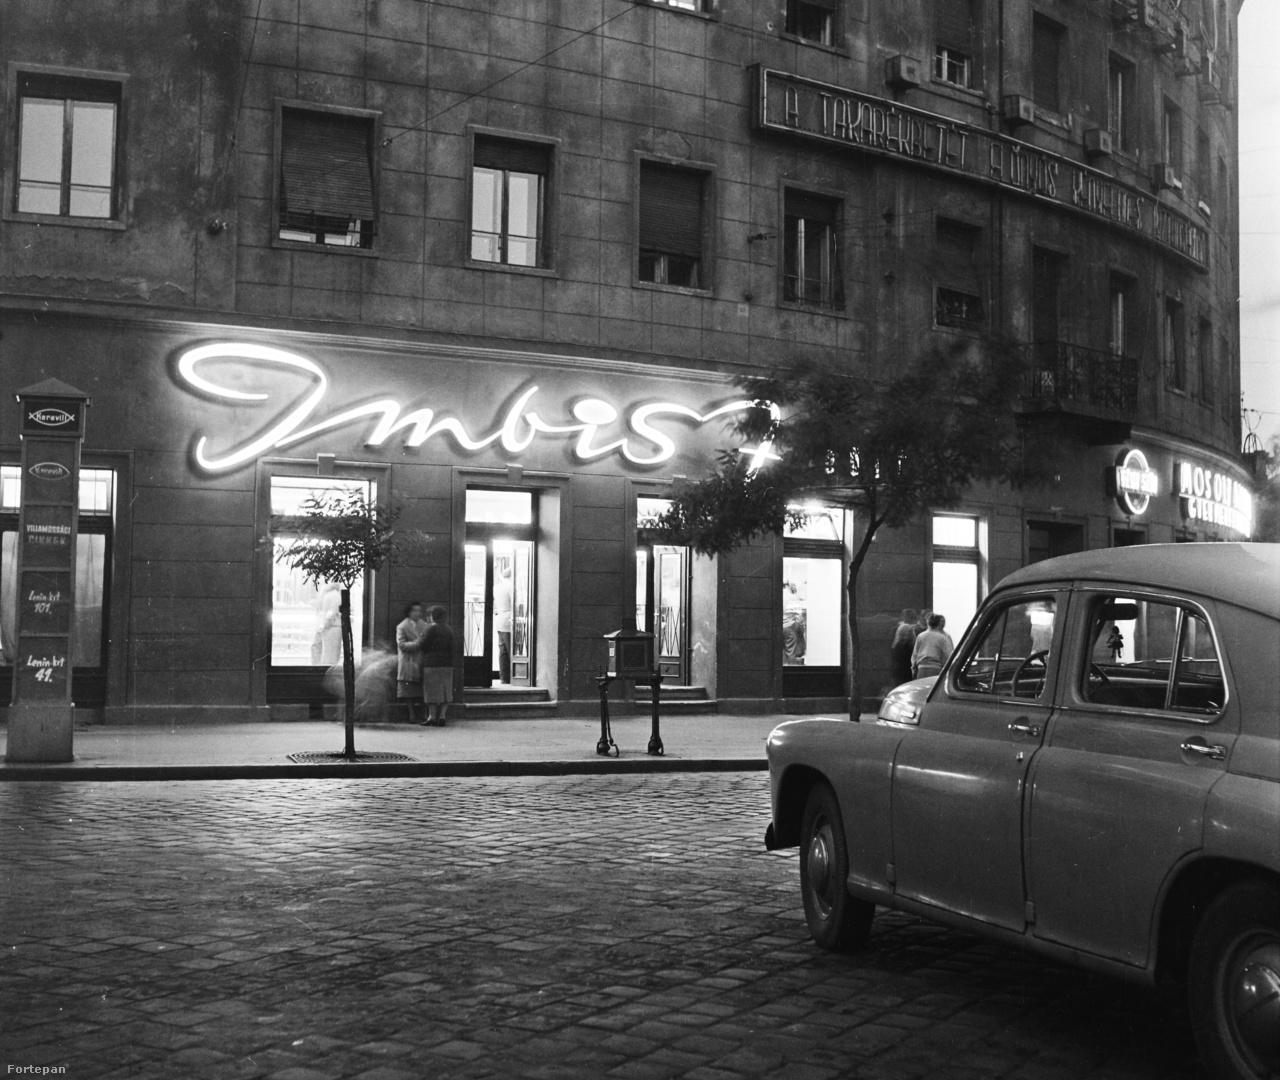 Imbisz büfé a Szent István körút és a Teréz körút tallkozásánál. Jelenleg olasz étterem. Tőle balra a Mosoly Albuma gyermekfényképész fotóstúdió még ma is megvan, igaz már nem neonfelirat díszíti portálját.